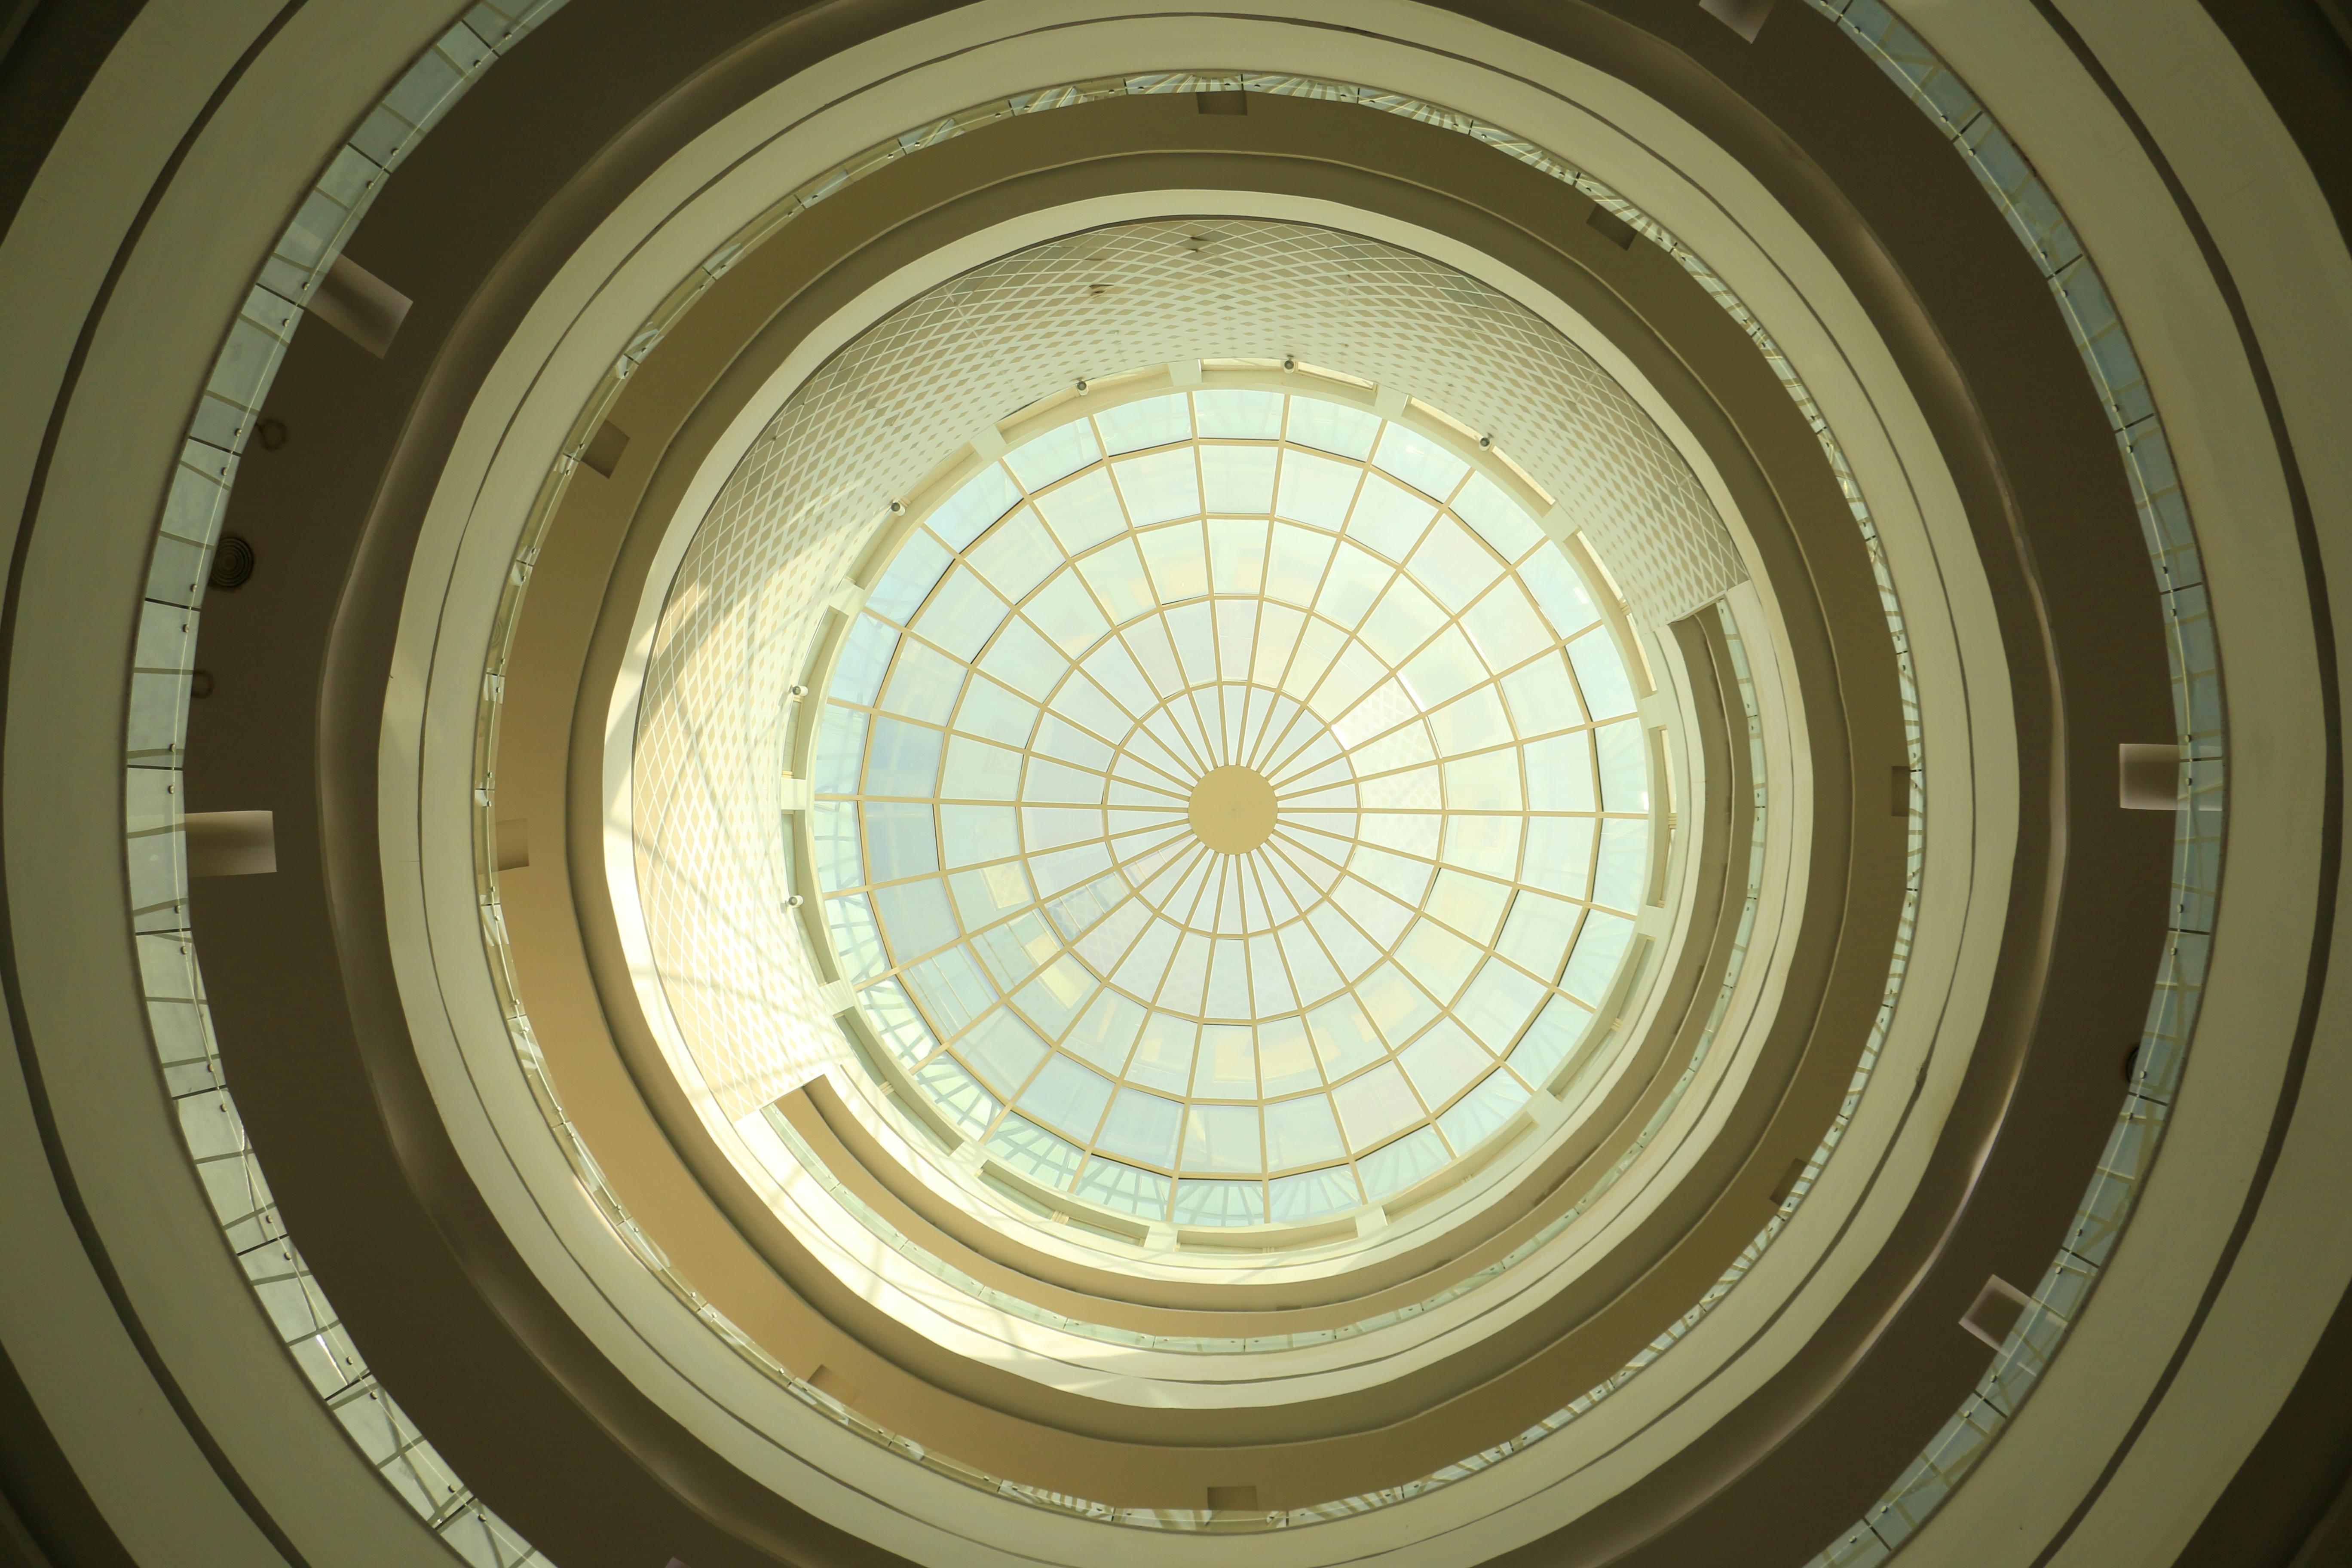 Shifa Dome